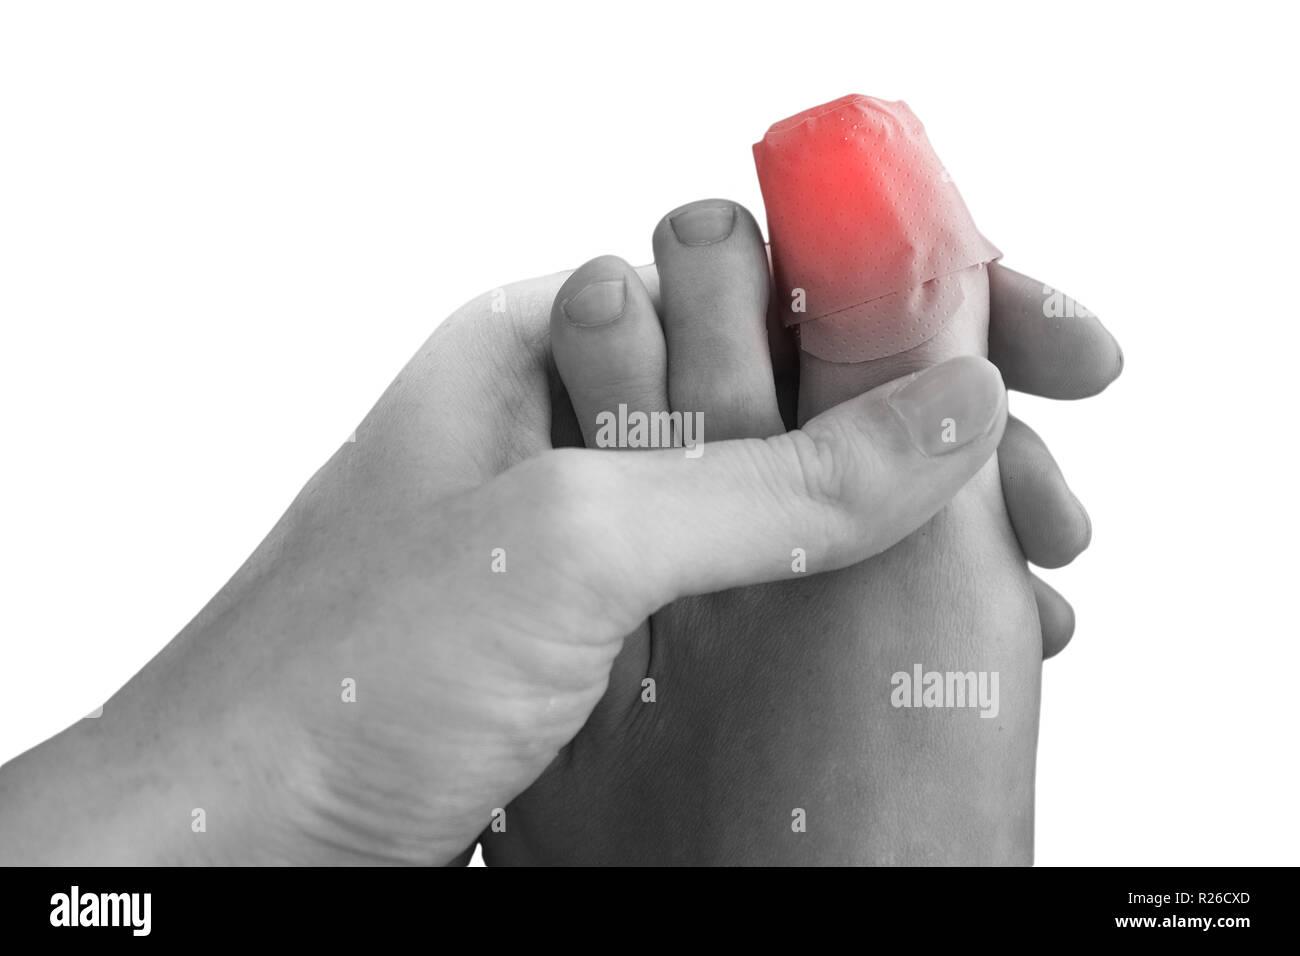 Duelen los pies con banda concepto dolor ayuda de yeso Imagen De Stock